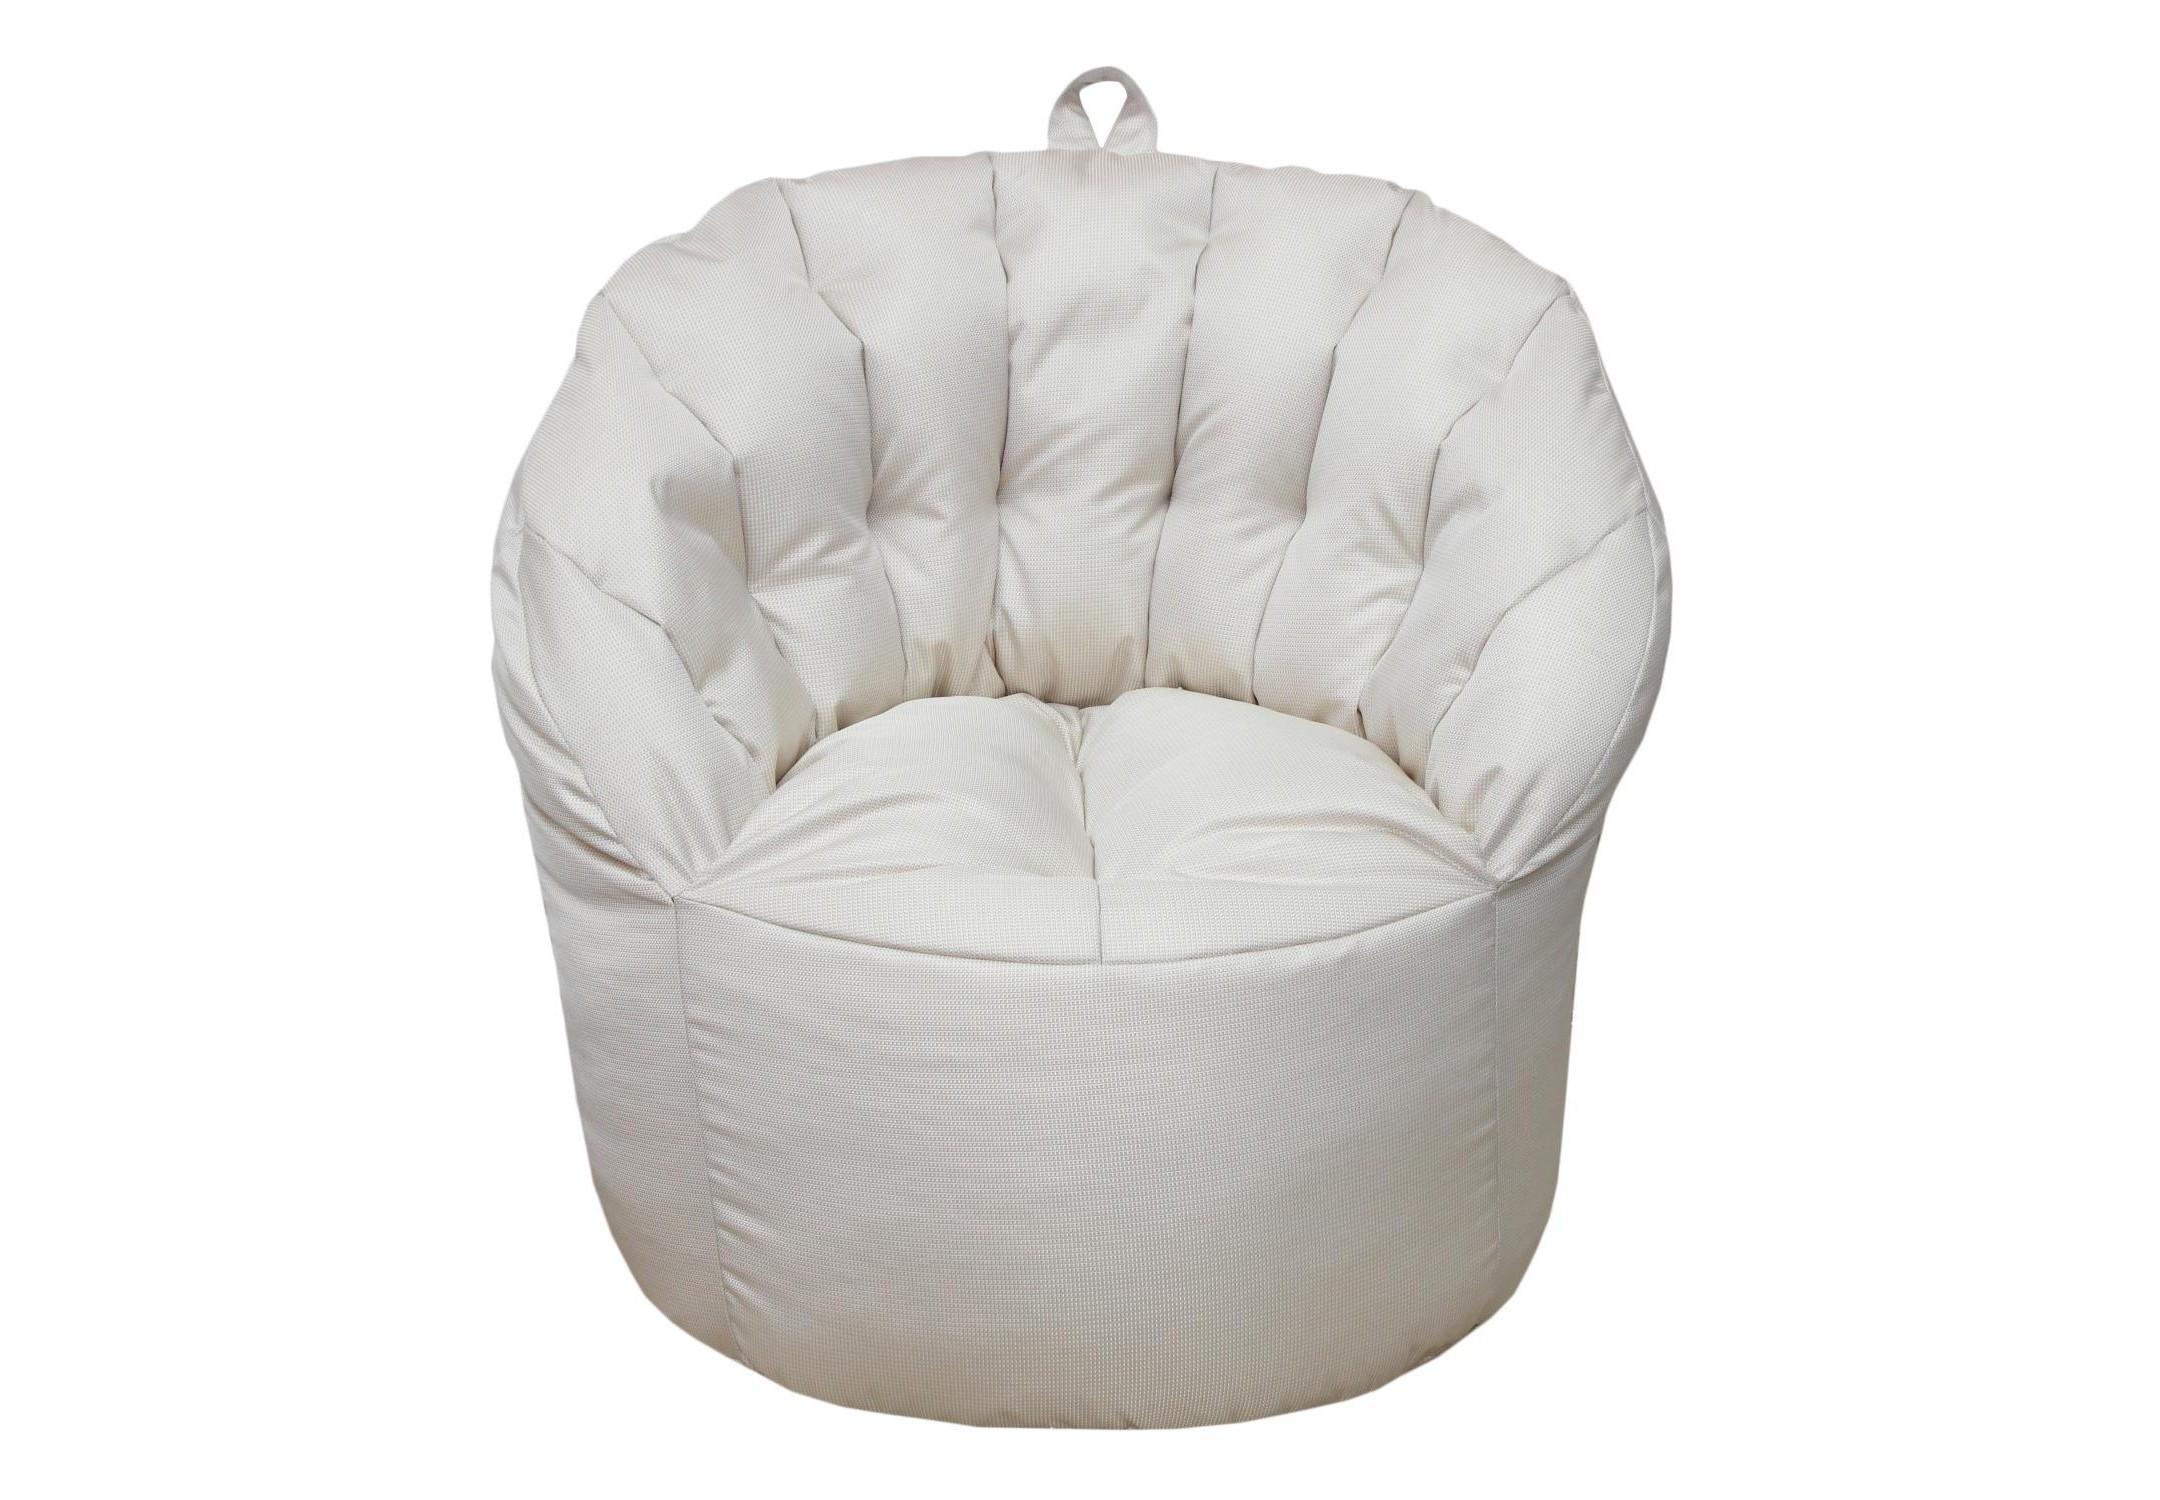 Уличное кресло- пуф White PearleФорменные пуфы<br>Очень комфортное и  легкое  кресло-пуф станет неотъемлемой частью вашего интерьера как дома ,так и на улице. Сиденье и спинка кресла великолепно поддерживают и принимают форму тела, обеспечивая комфортный отдых. Читайте книгу, общайтесь с друзьями или просто наслаждайтесь лучами летнего солнца удобно разместившись в этом кресле!  Оно сшито из очень плотной ткани с водооталкивающим покрытием с внешней стороны, поэтому идеально подойдет для уличного декора.При загрязнении его достаточно протереть мокрой салфеткой.<br><br>Material: Текстиль<br>Length см: None<br>Width см: 80<br>Depth см: 60<br>Height см: 90